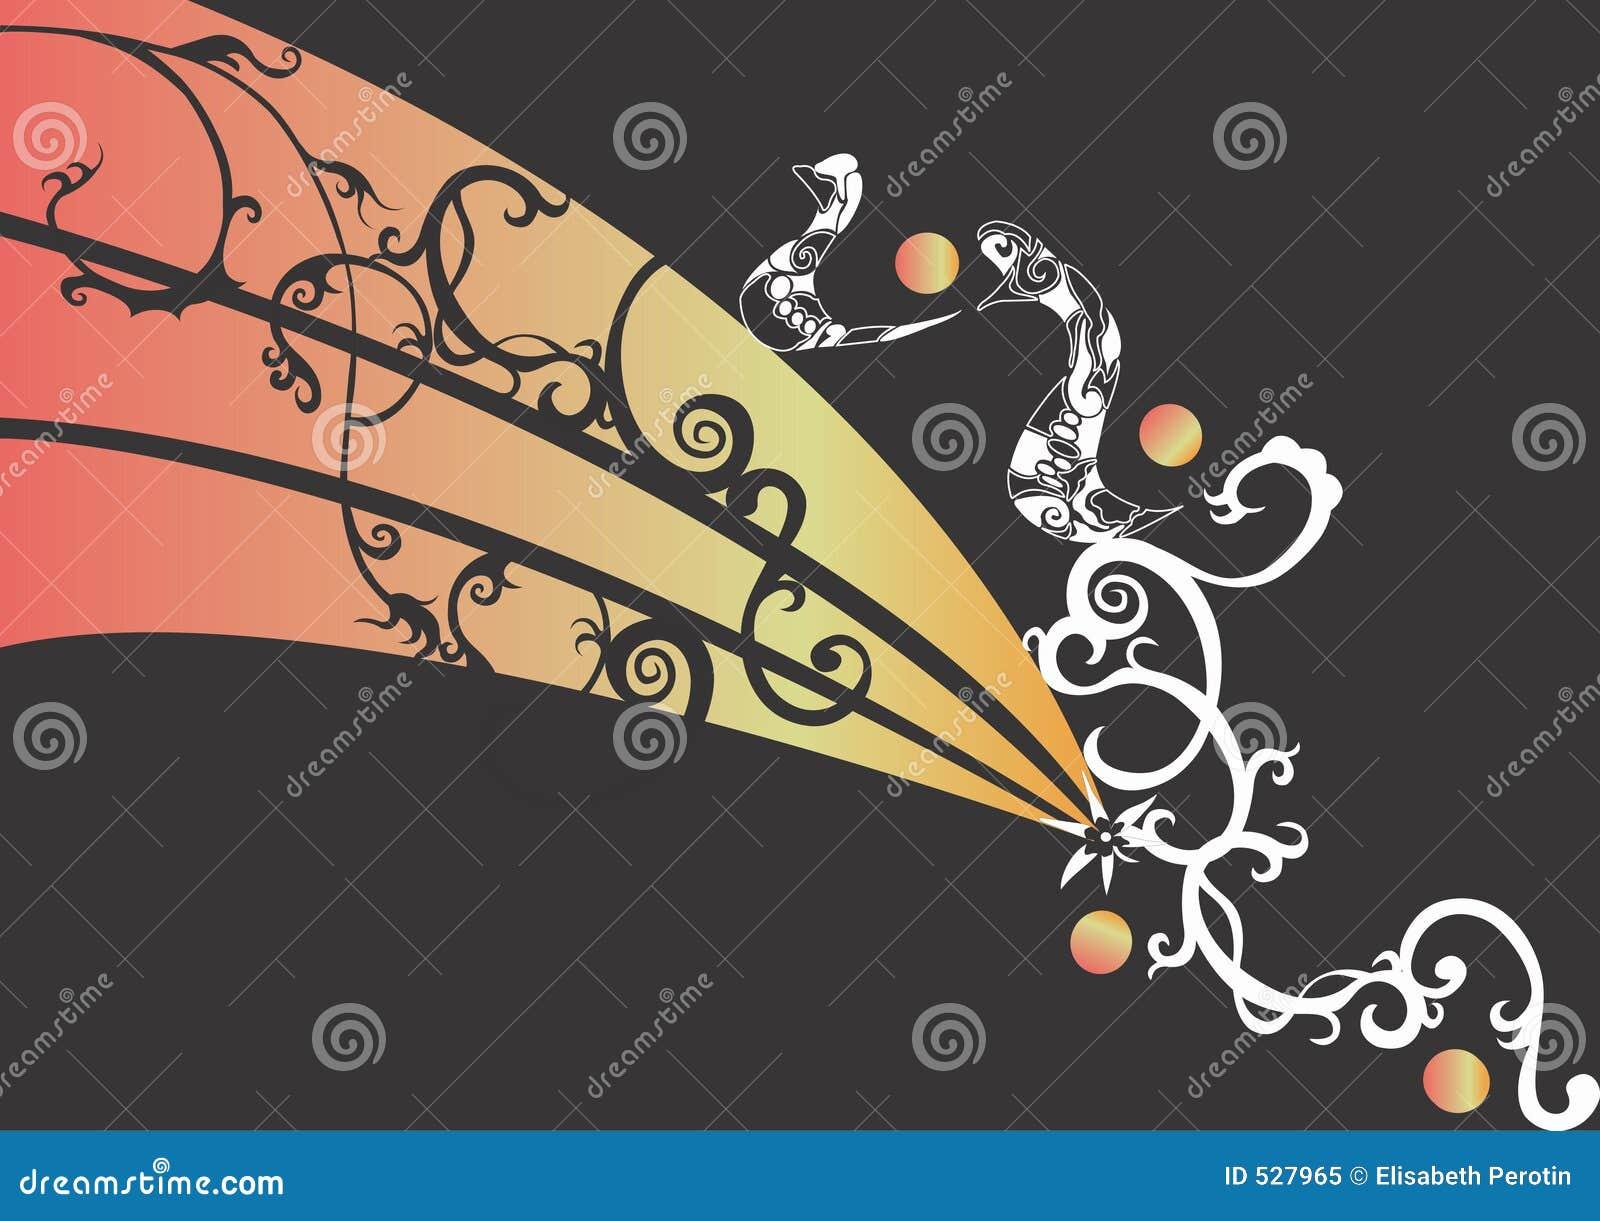 Download 背景 库存例证. 插画 包括有 例证, 艺术性, 艺术, 模式, 抽象, 夹子, 背包, 设计, 图象, 装饰 - 527965